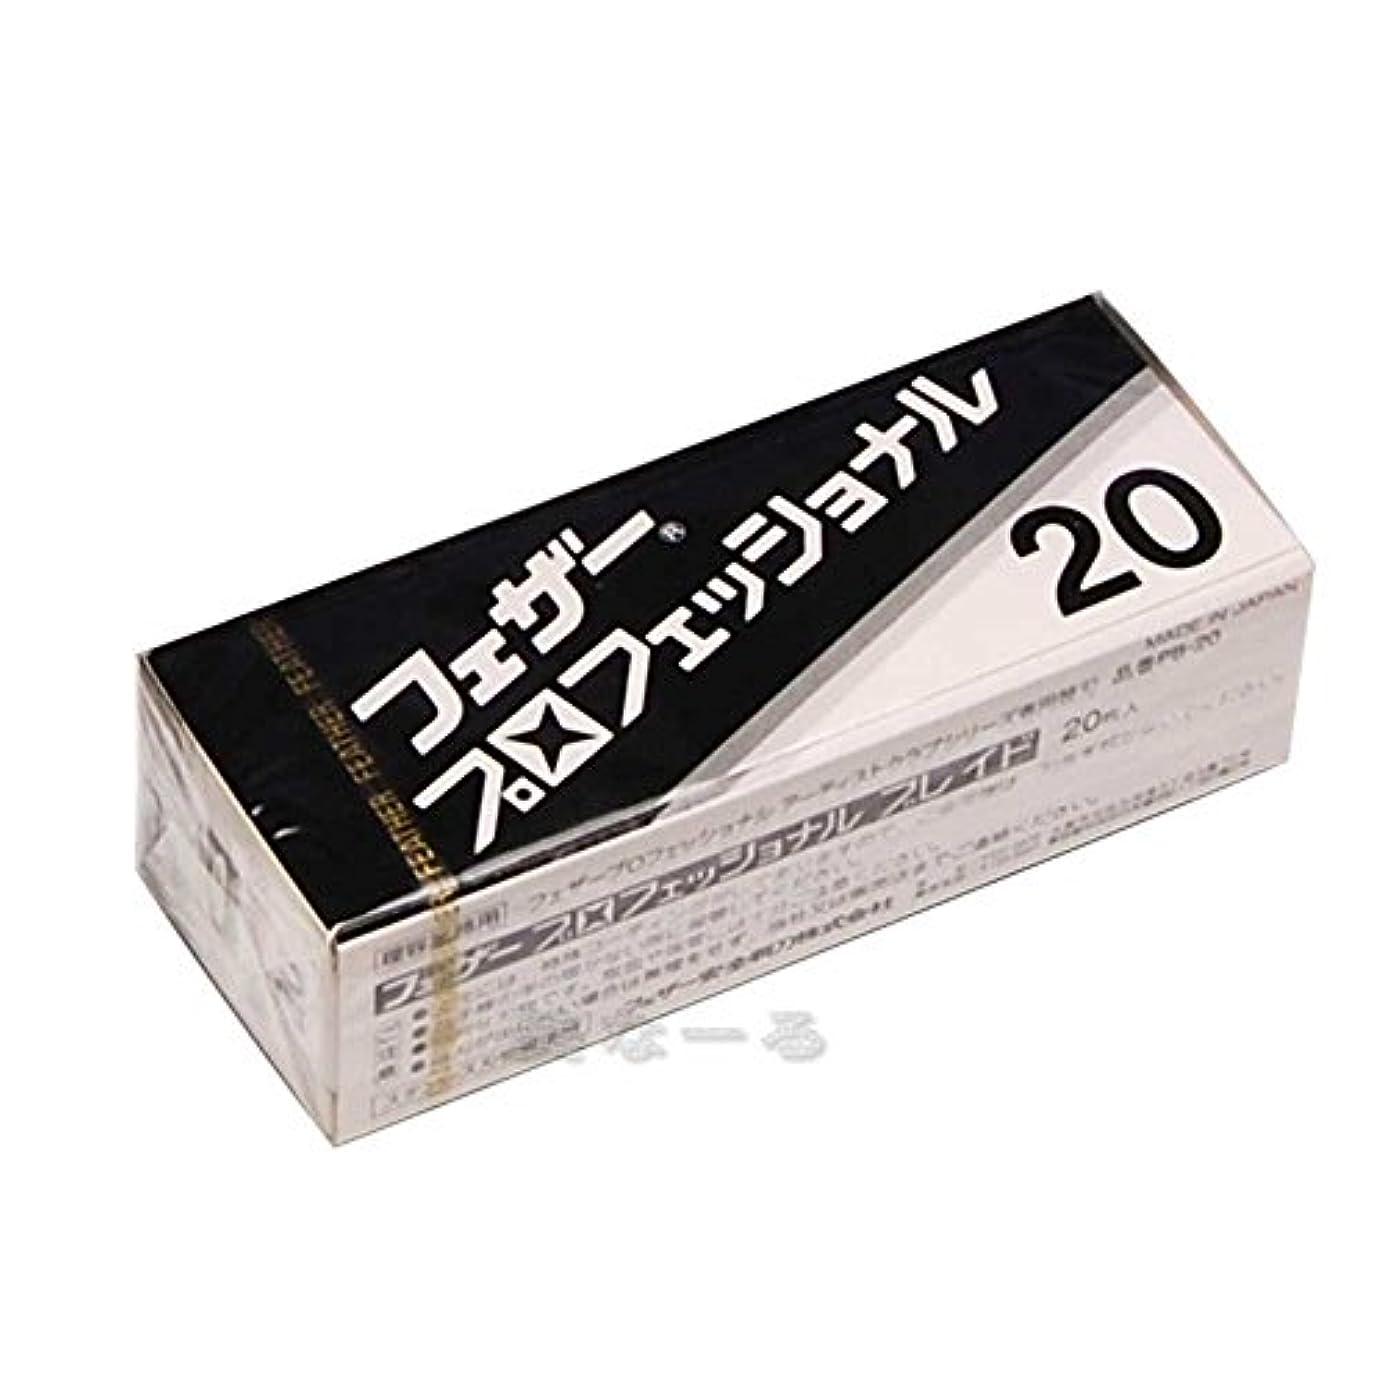 債務者浴室枠フェザー プロフェッショナル ブレイド PB-20 替刃 20枚入